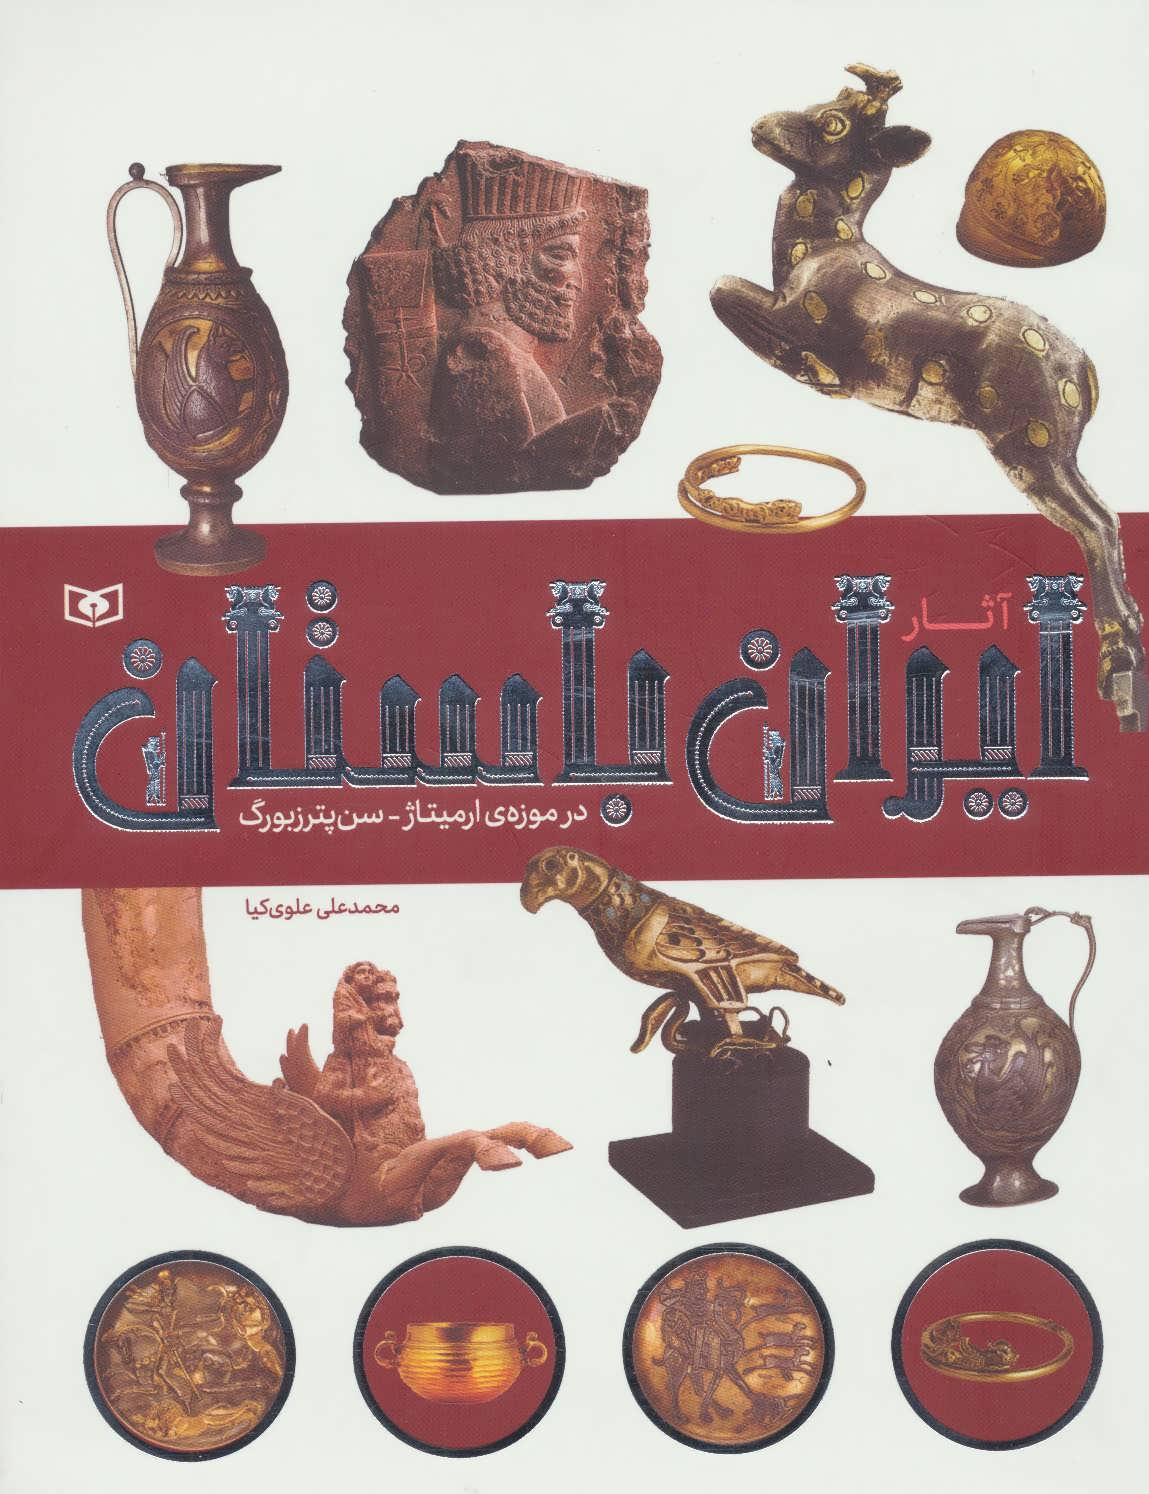 کتاب آثار ایران باستان در موزه ارمیتاژ - سنپترزبورگ